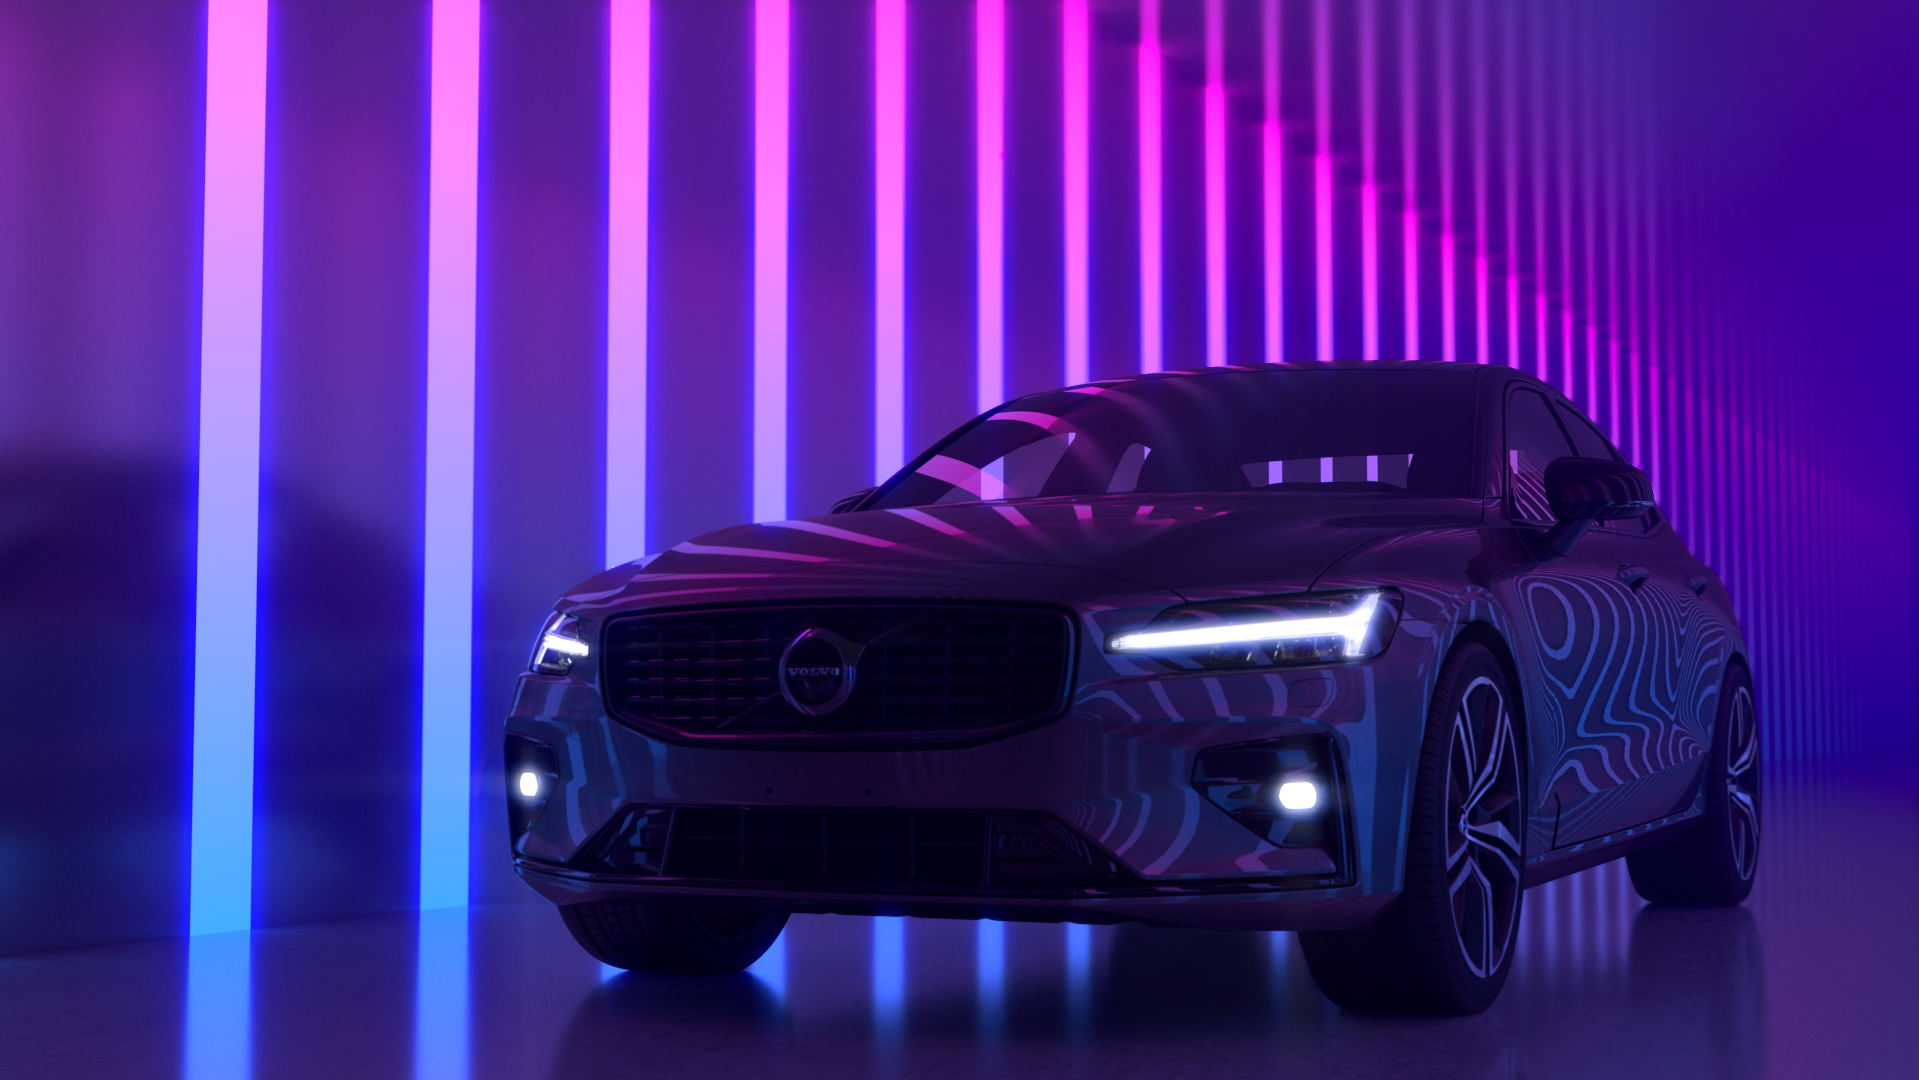 Volvo S60 neon